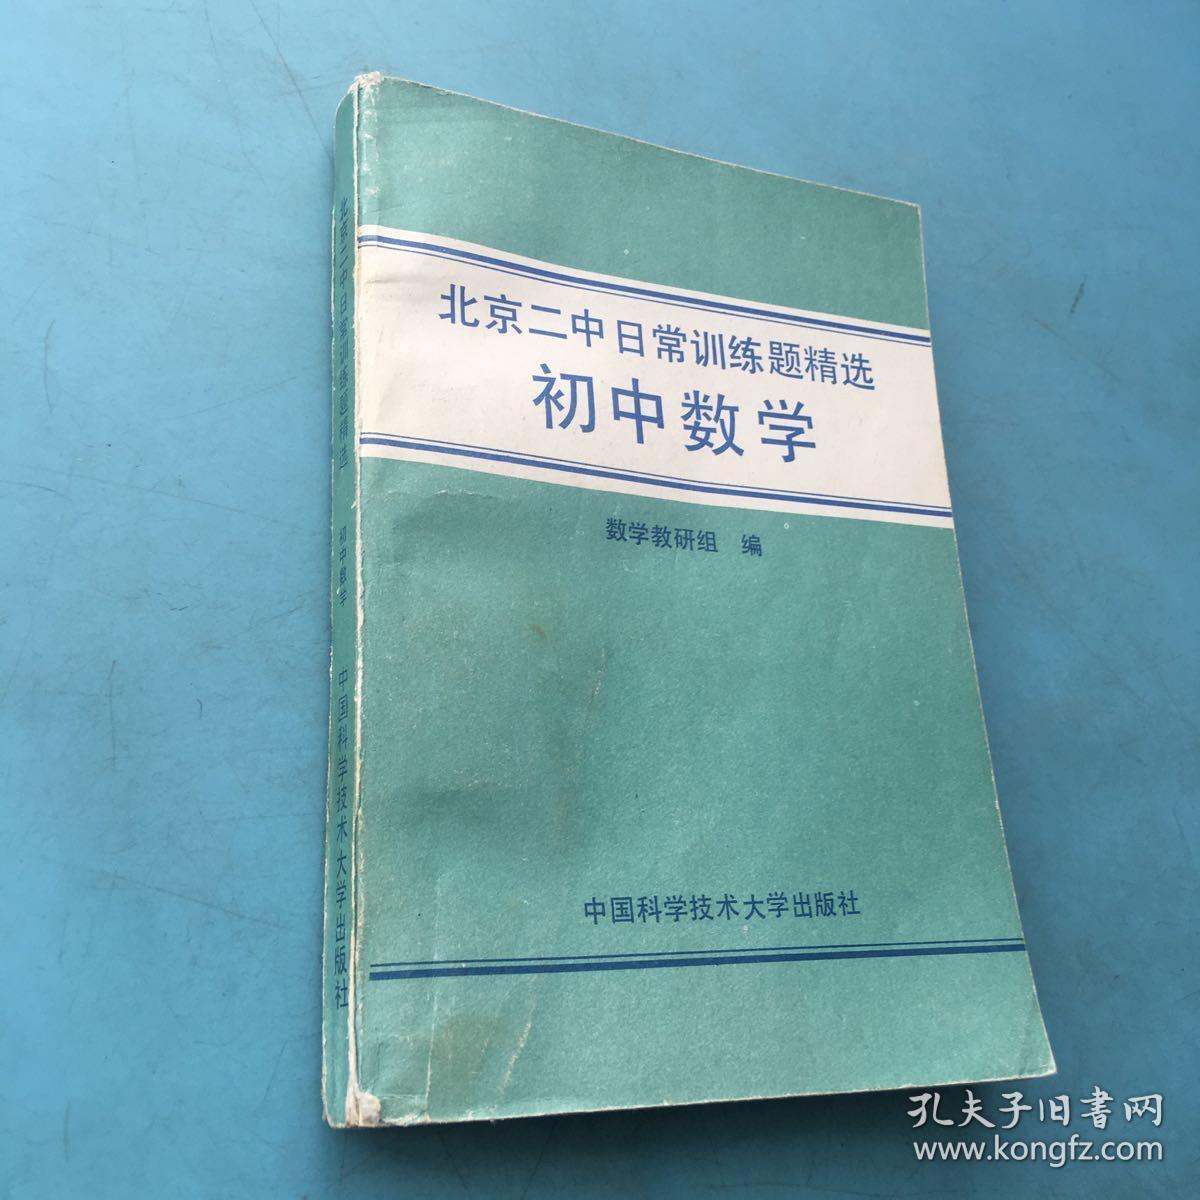 北京二中日常v初中题精选。初中树木。初中作文花草的写数学图片